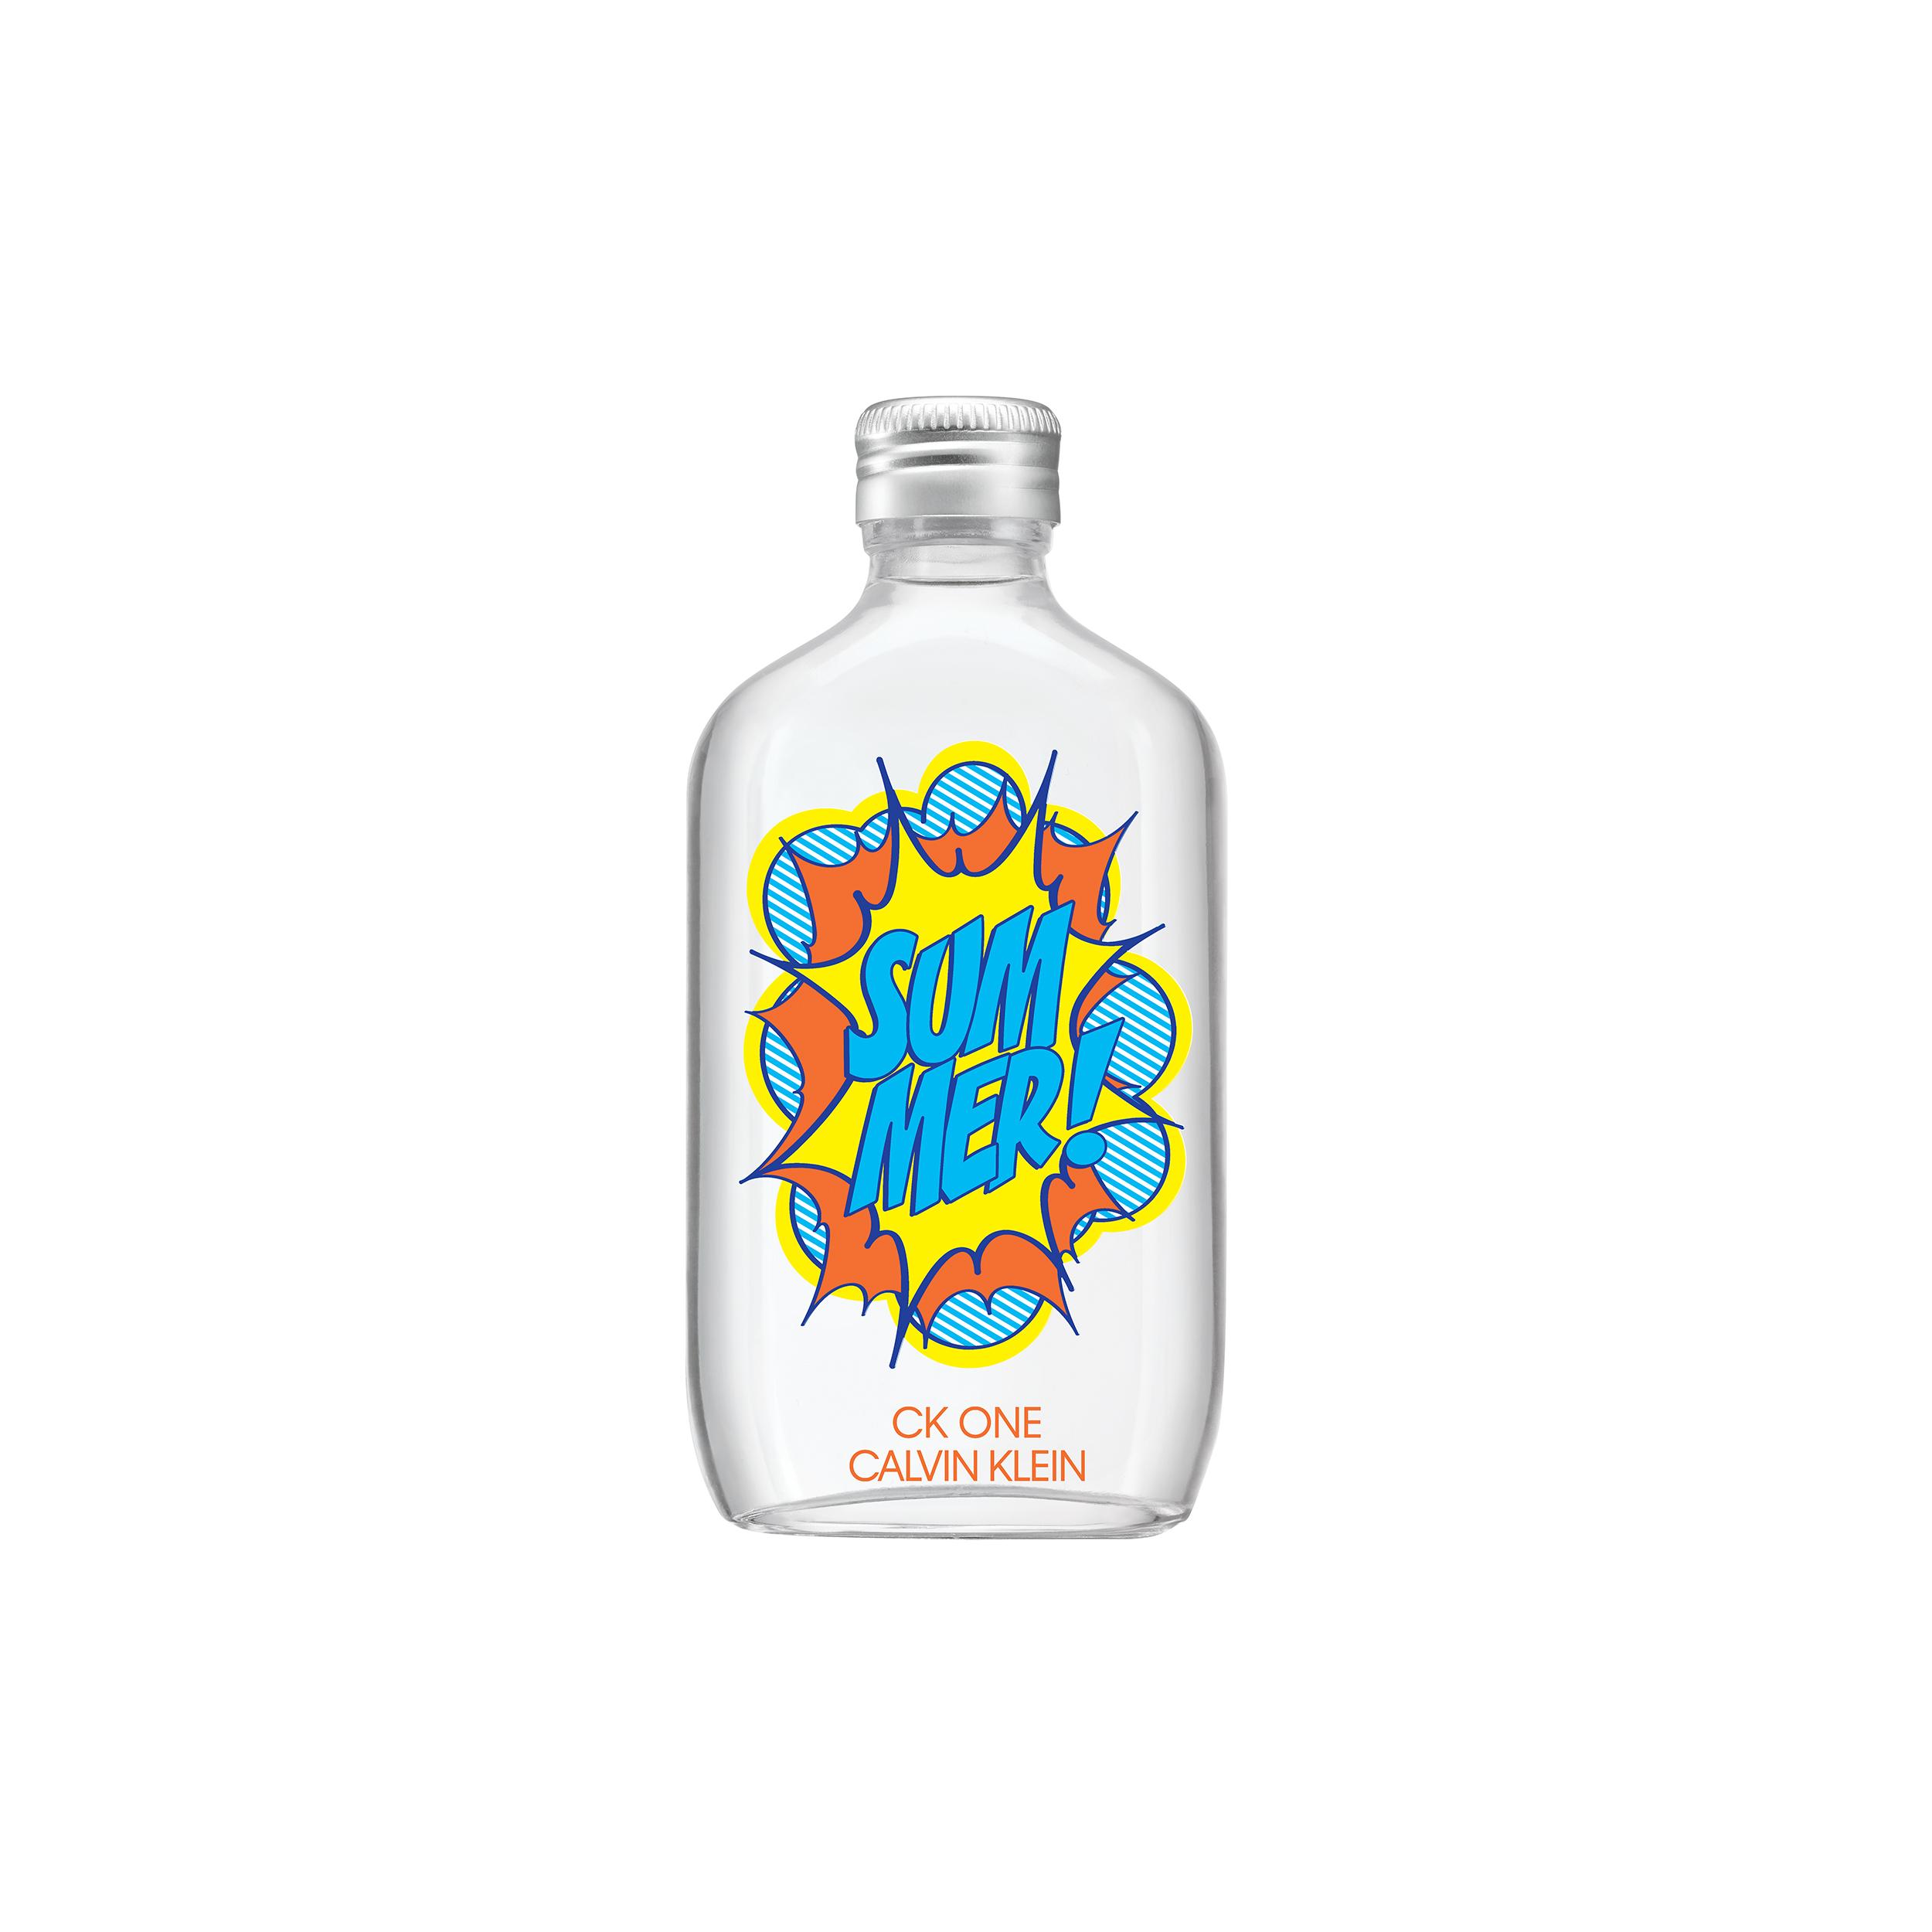 Calvin Klein CK One Summer Limited Edition EDT, 100 ml